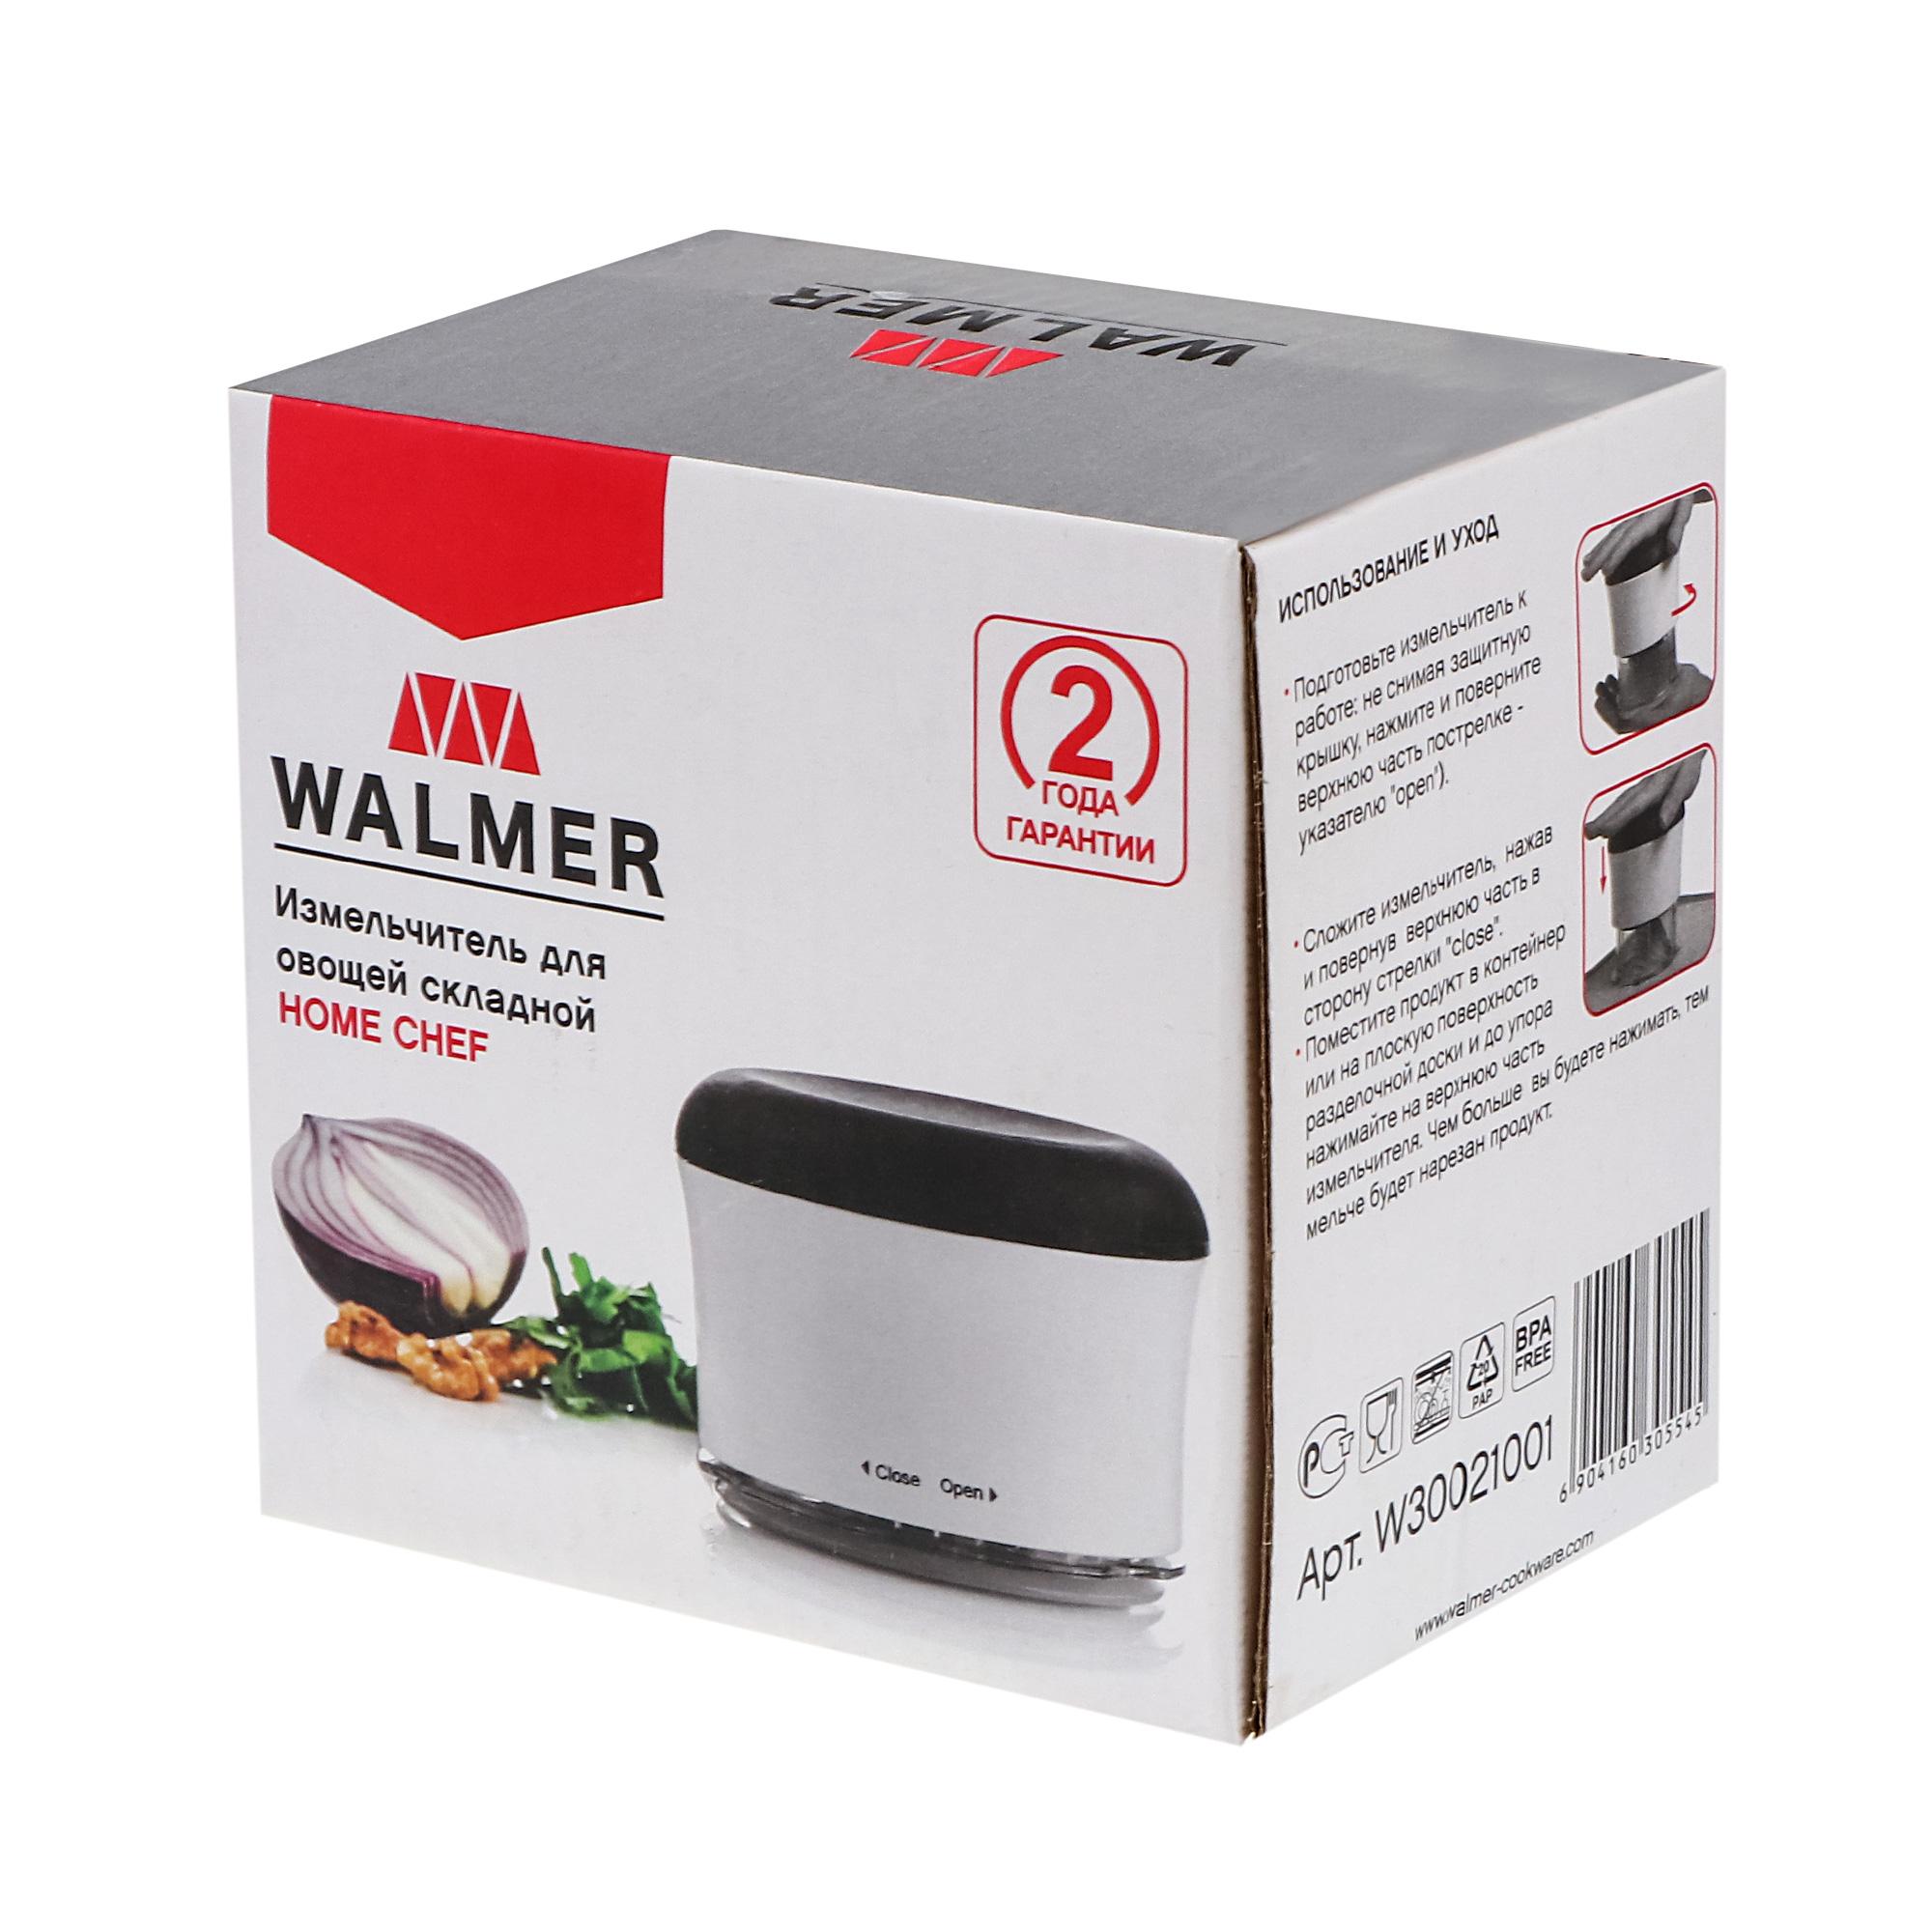 Измельчитель овощей WALMER Home Chef складной